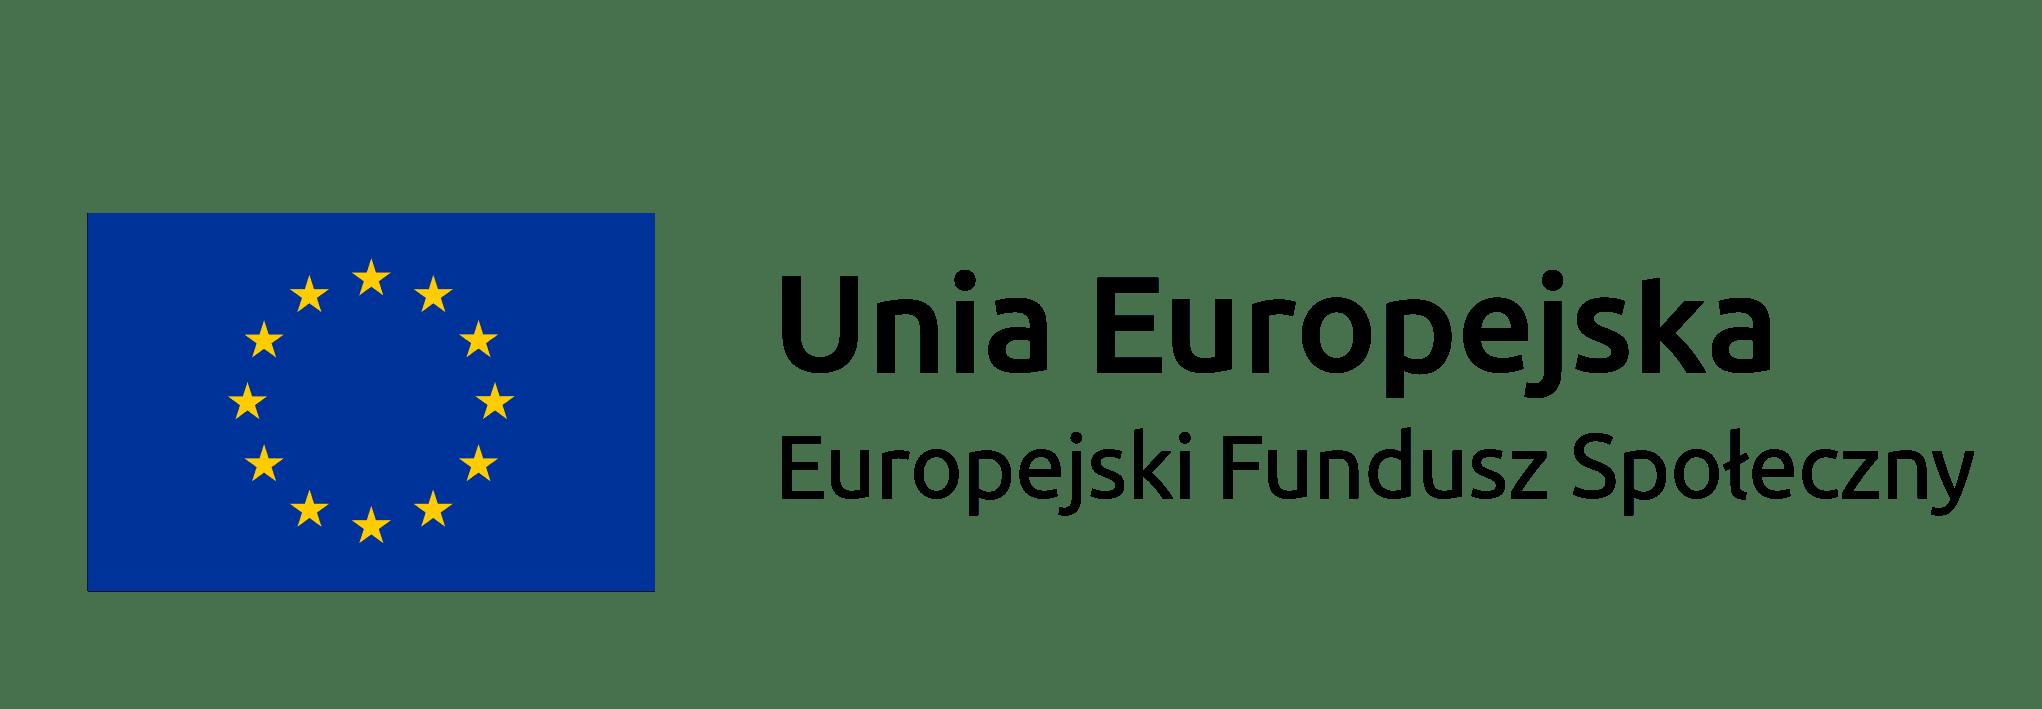 FE_POWER_pion_pl-1_rgb555